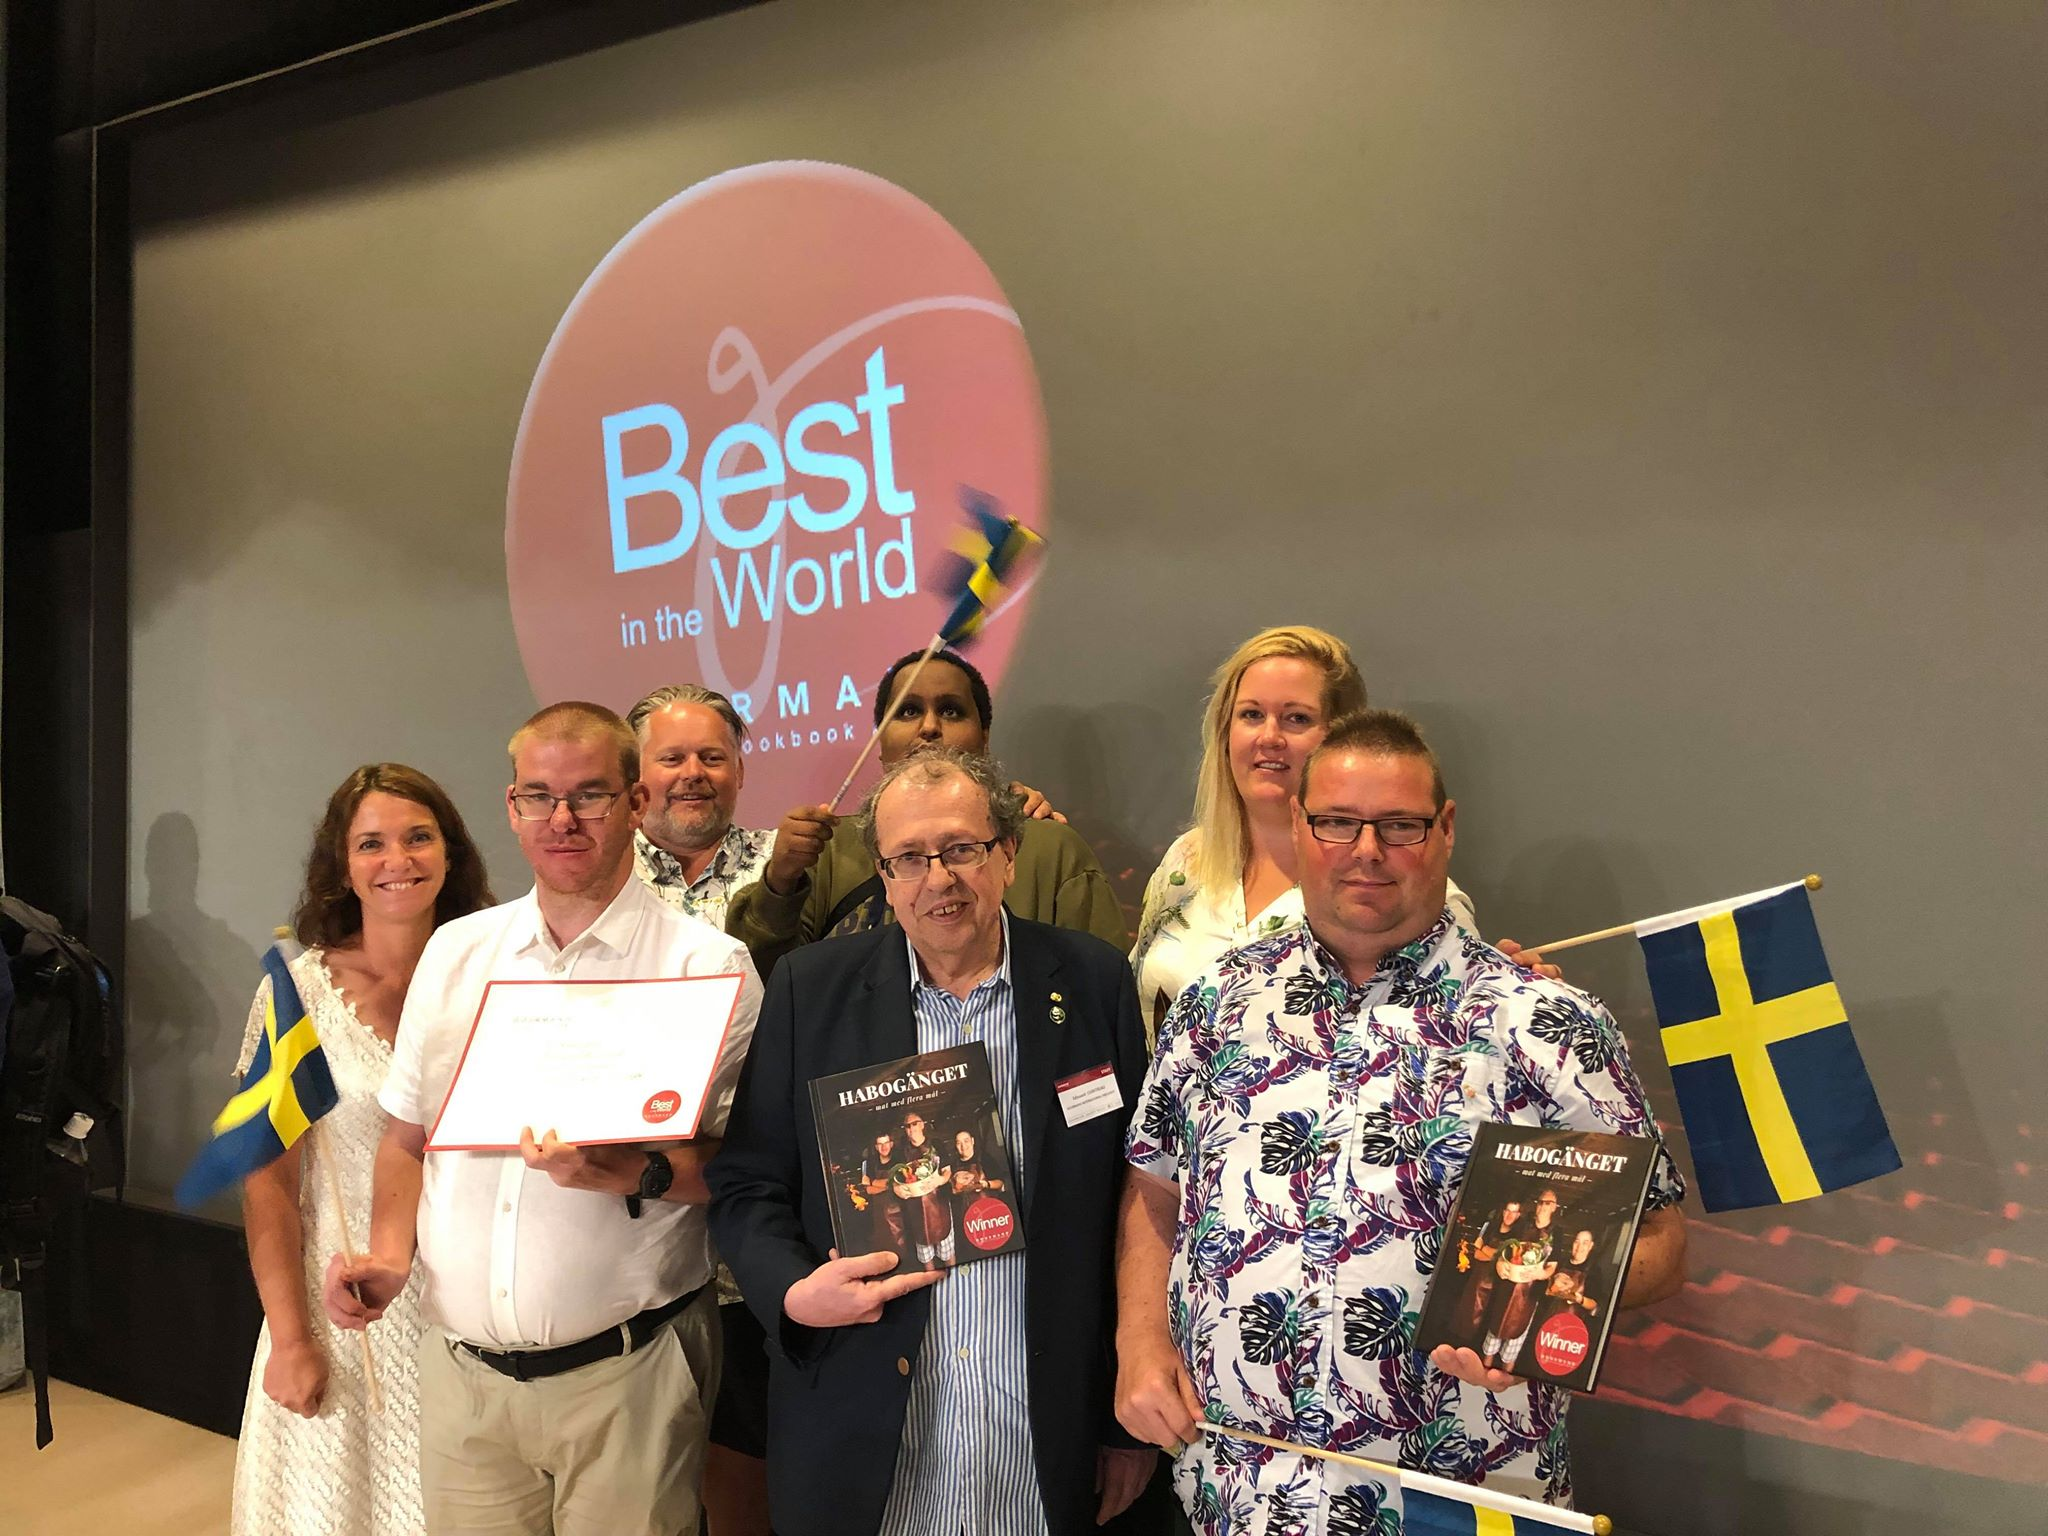 Glada vinnare tillsammans med Edouard Cointreau (mitten) från World cookbook gourmand awards.